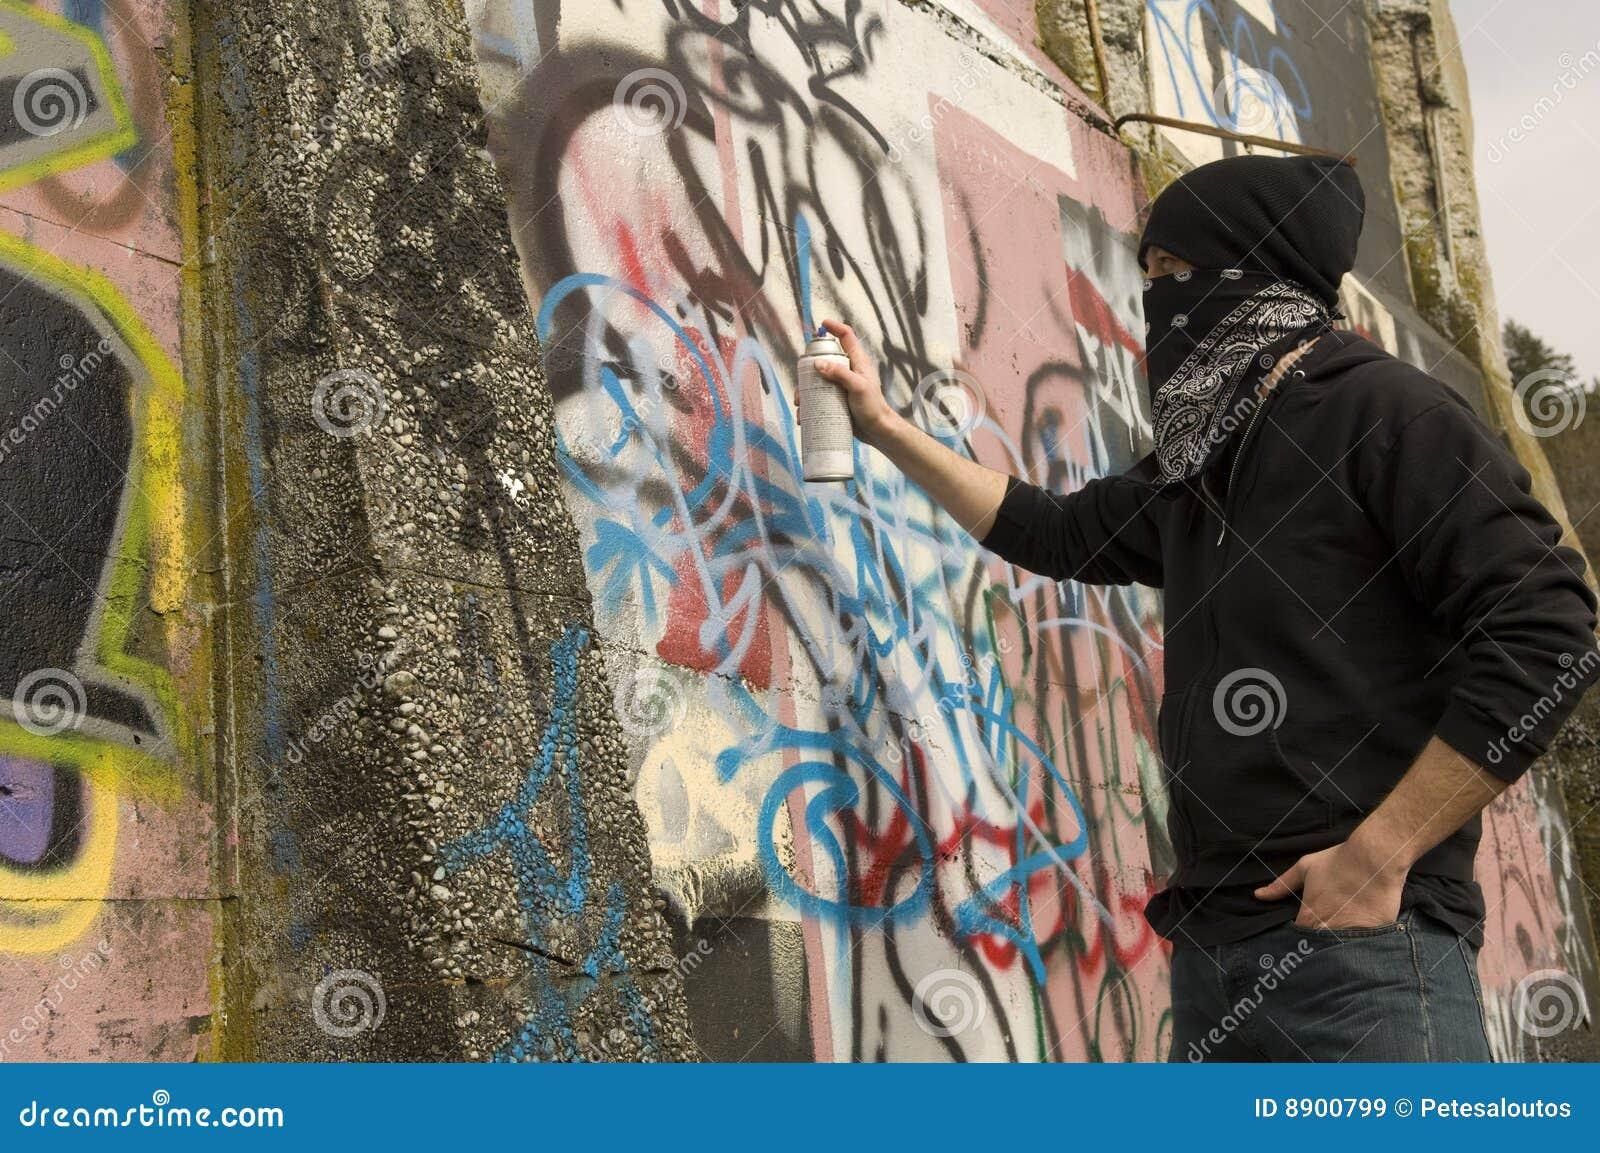 Graffiti vandal